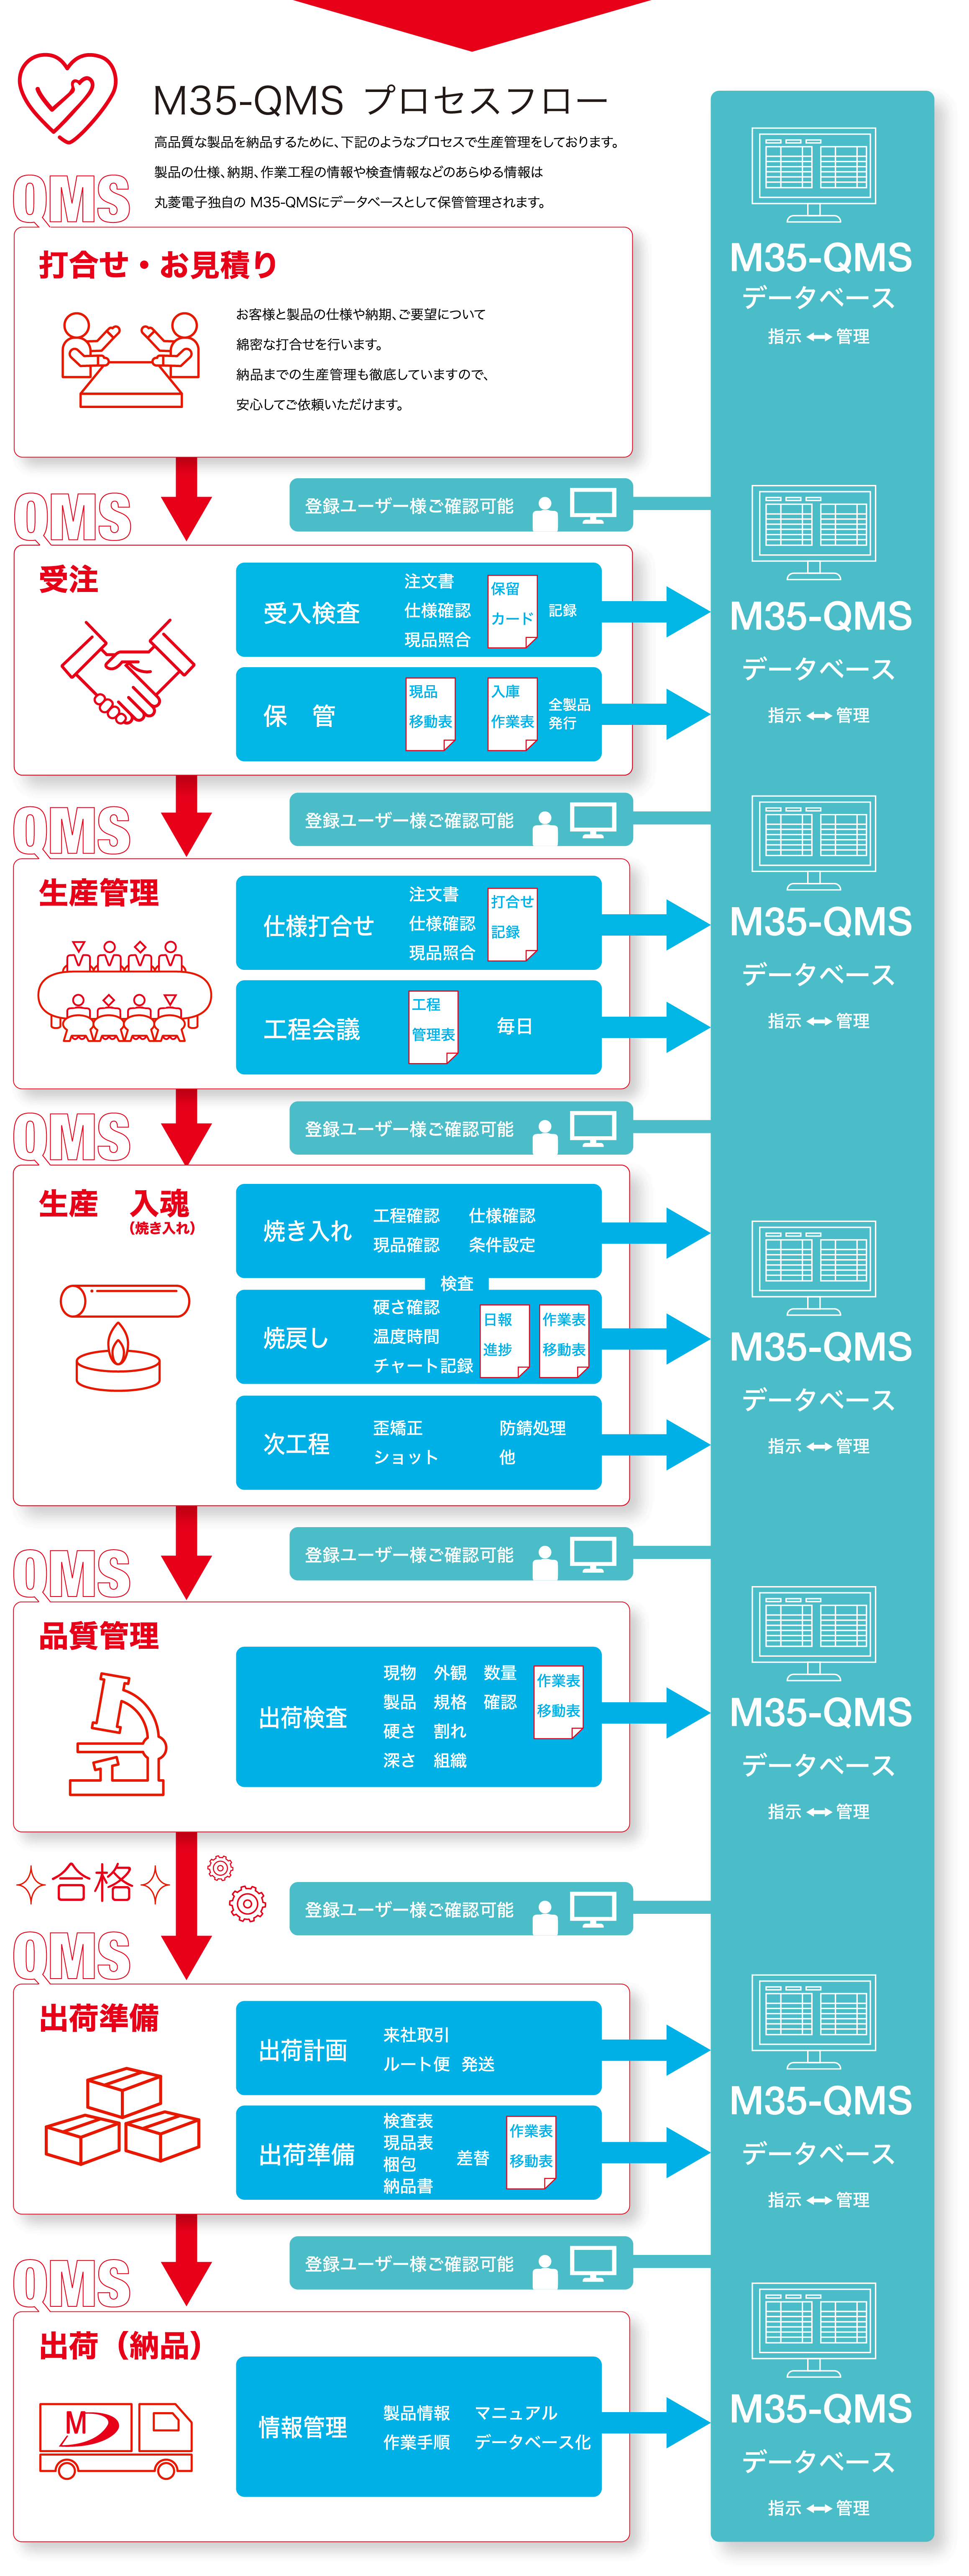 M35-QMS プロセスフロー